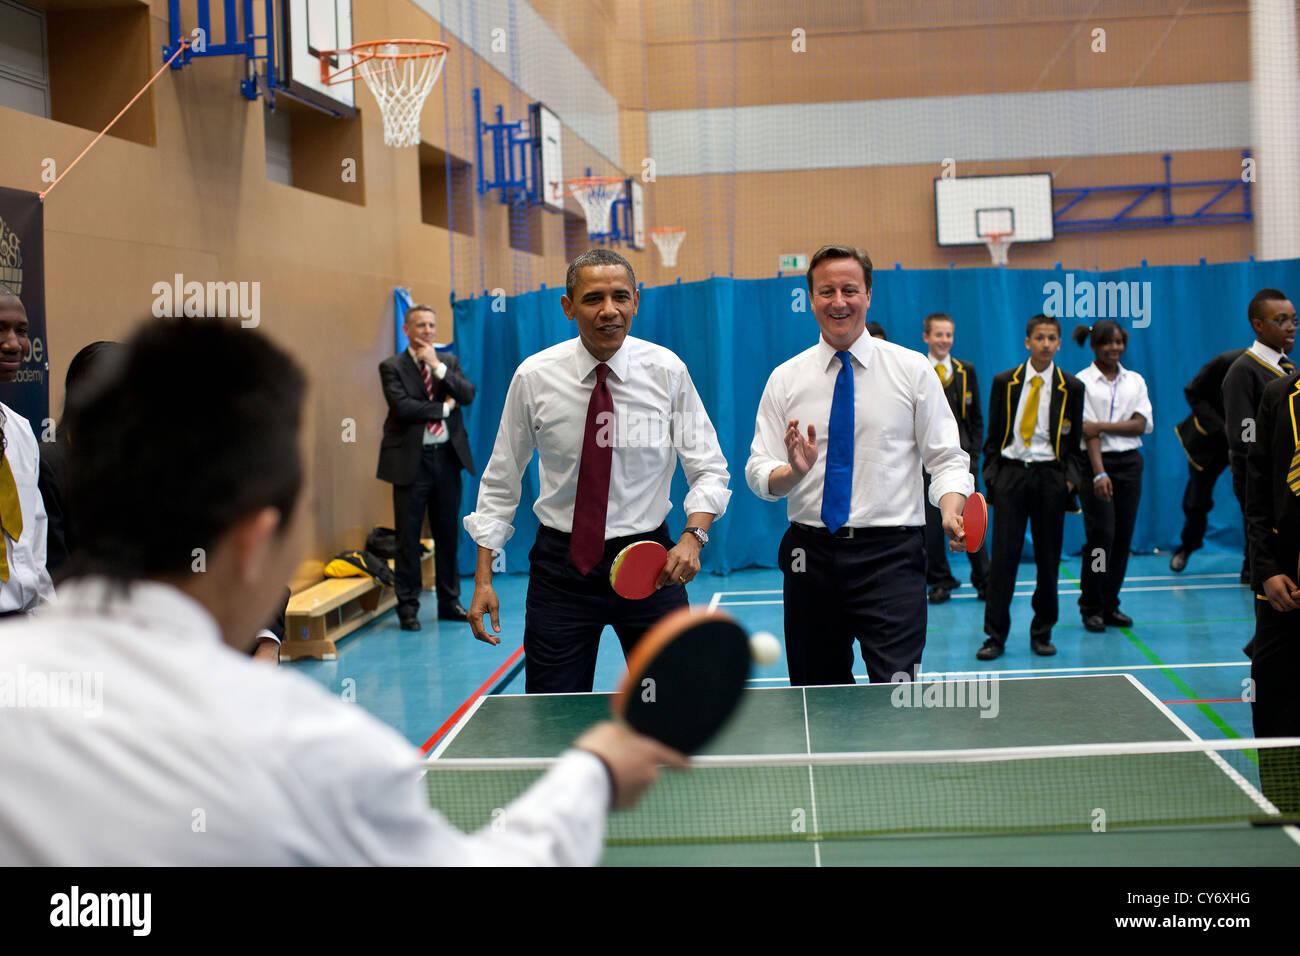 Le président américain Barack Obama et le Premier ministre britannique, David Cameron, jouer au tennis Photo Stock